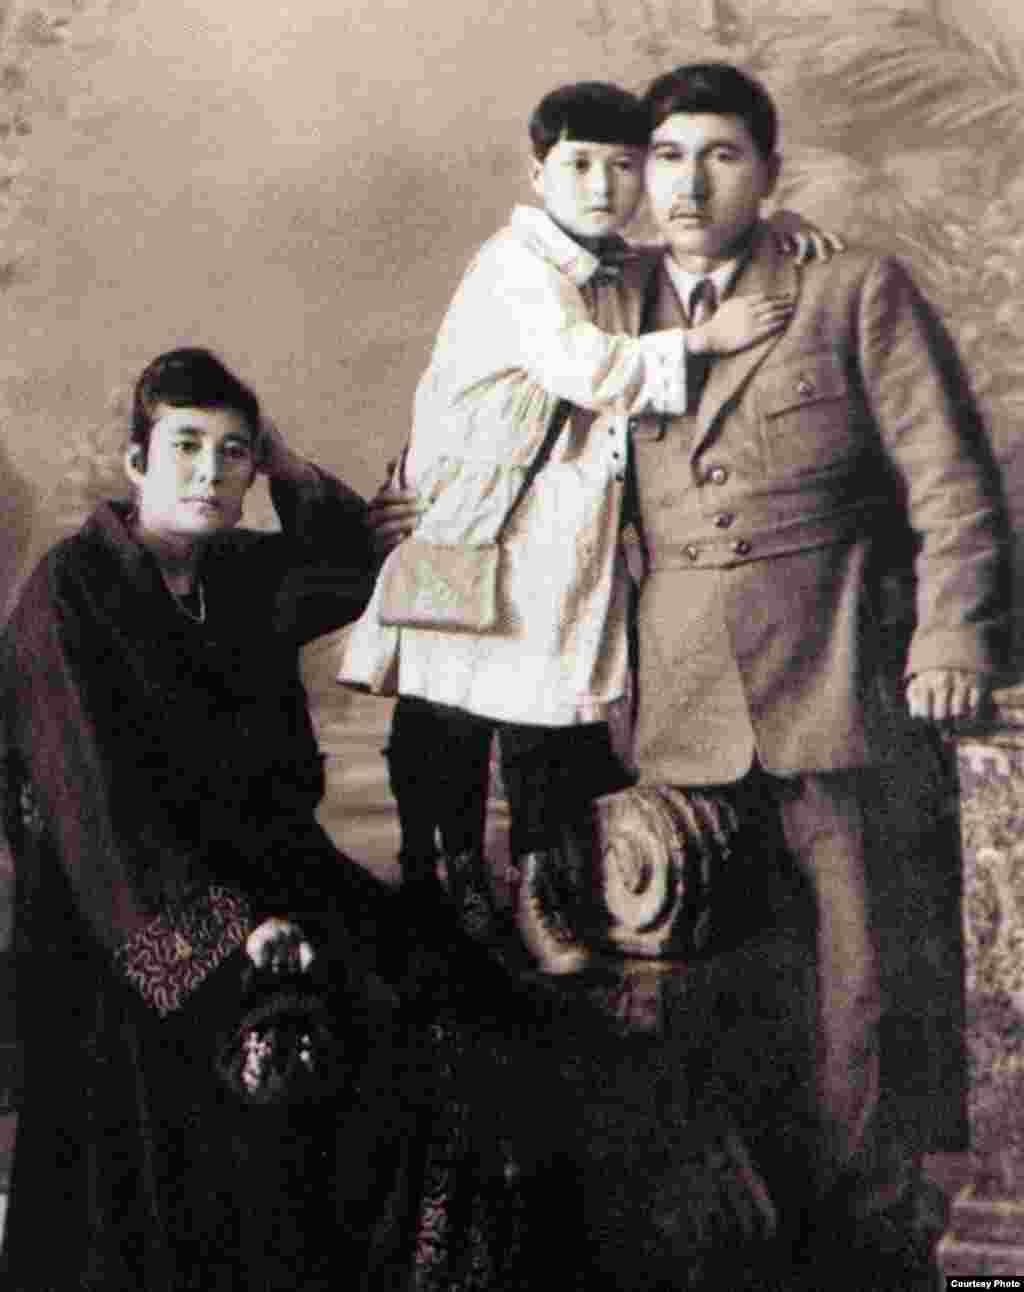 """Ғайнижамал, Гүлнар және Міржақып Дулатовтар. Орынбор, 1923 жыл. (Сурет """"Шындық шырағы"""" кітабынан алынды)."""